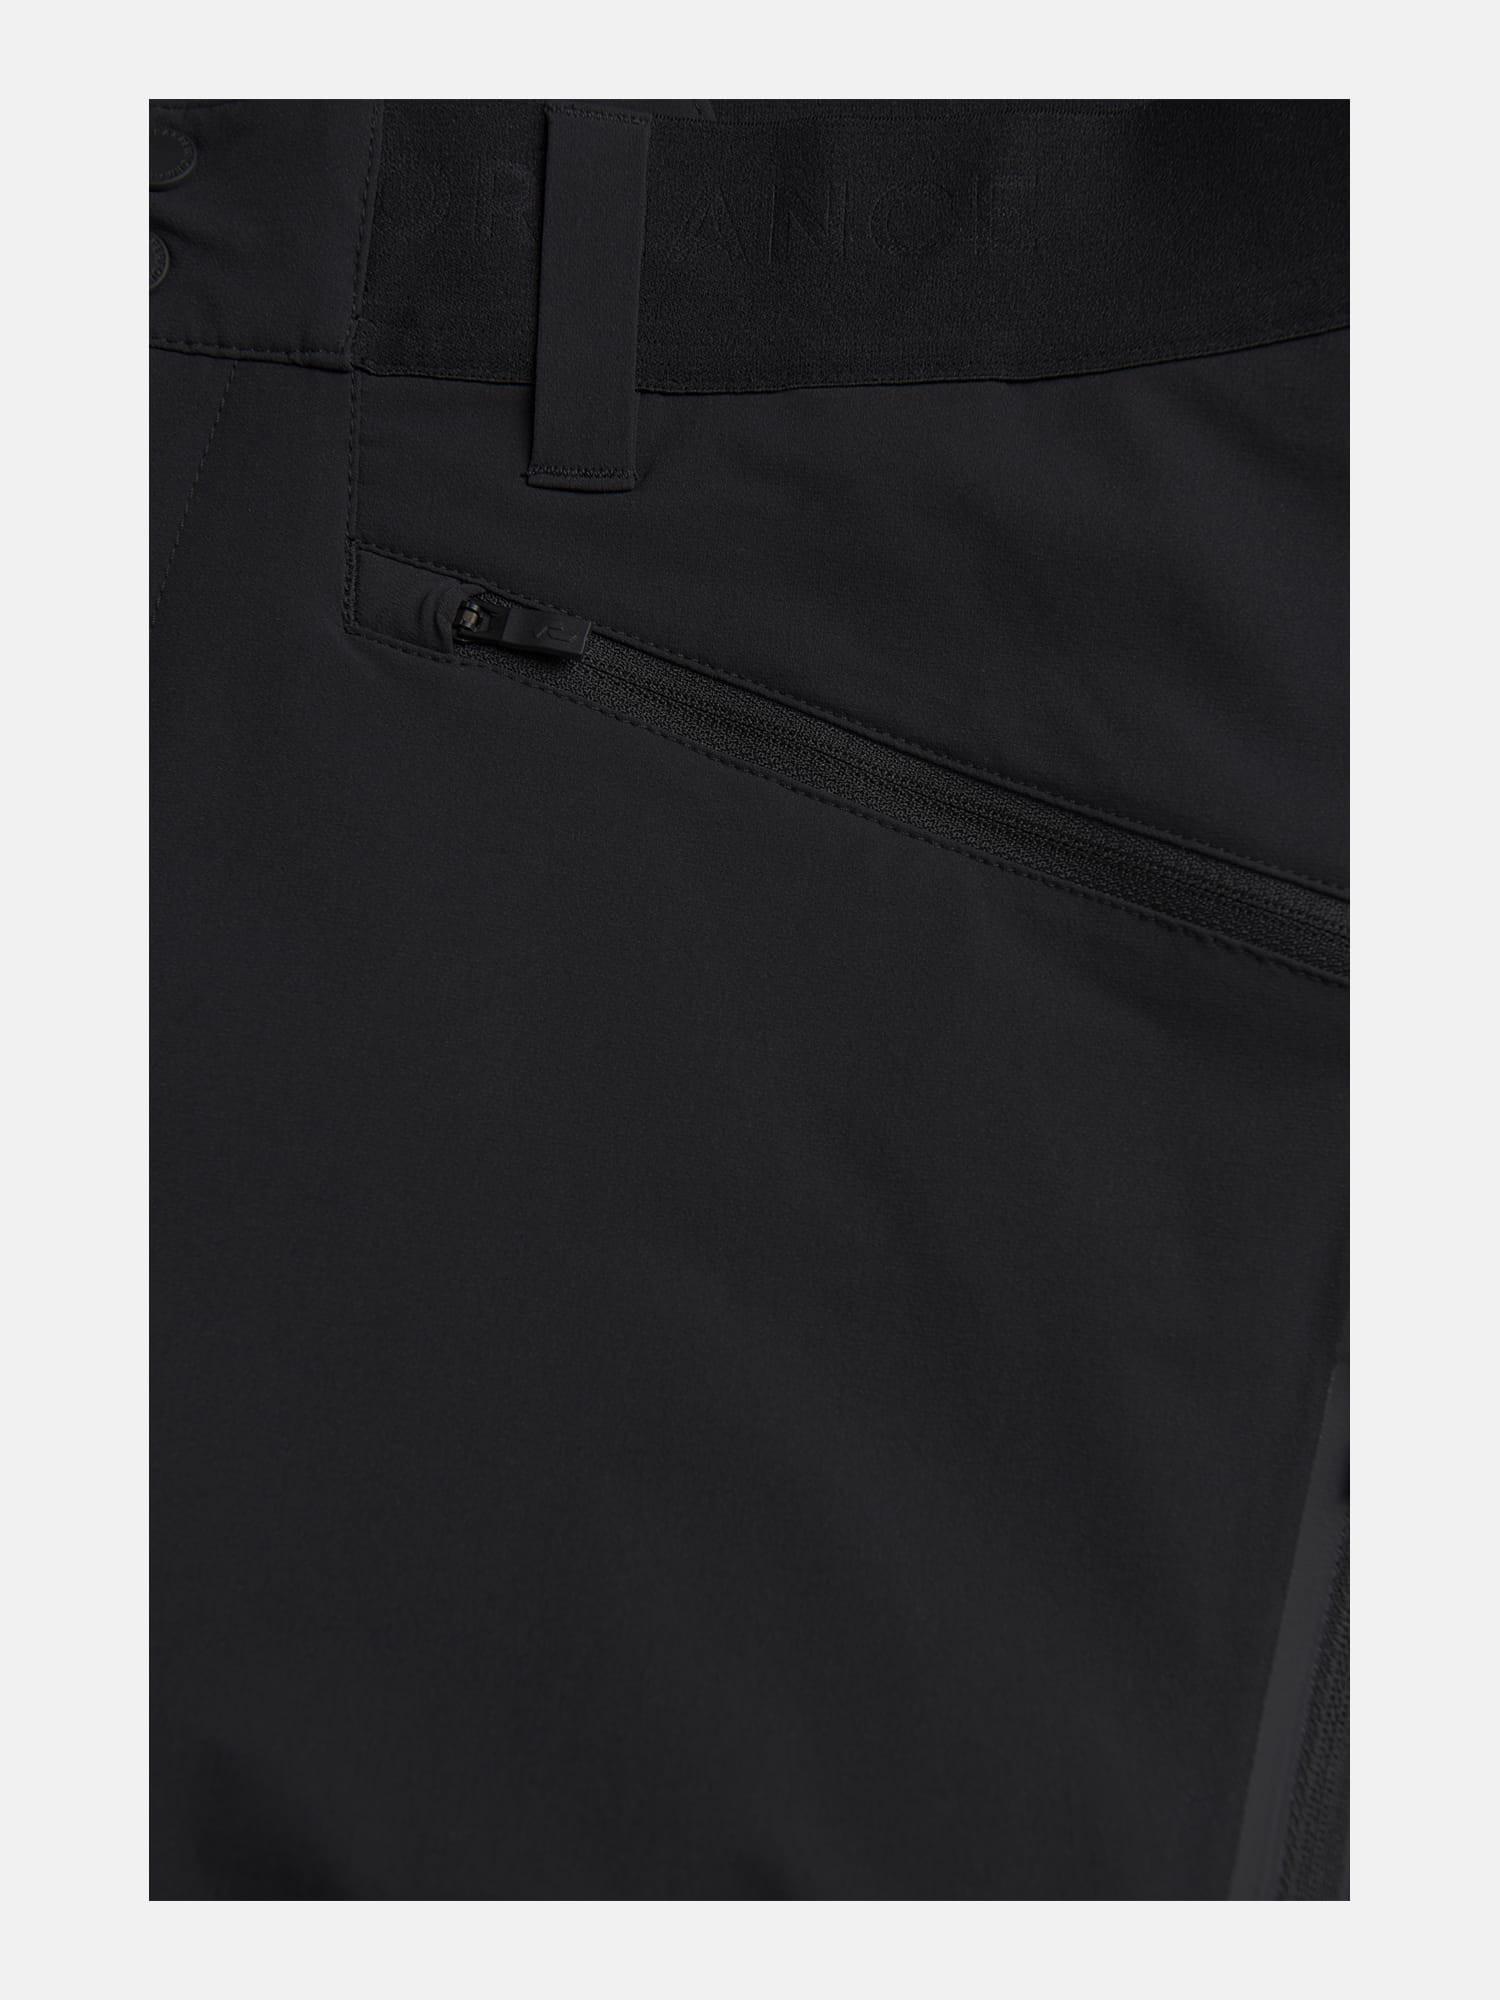 Peak Performance Men's Light Softshell V Pant Black